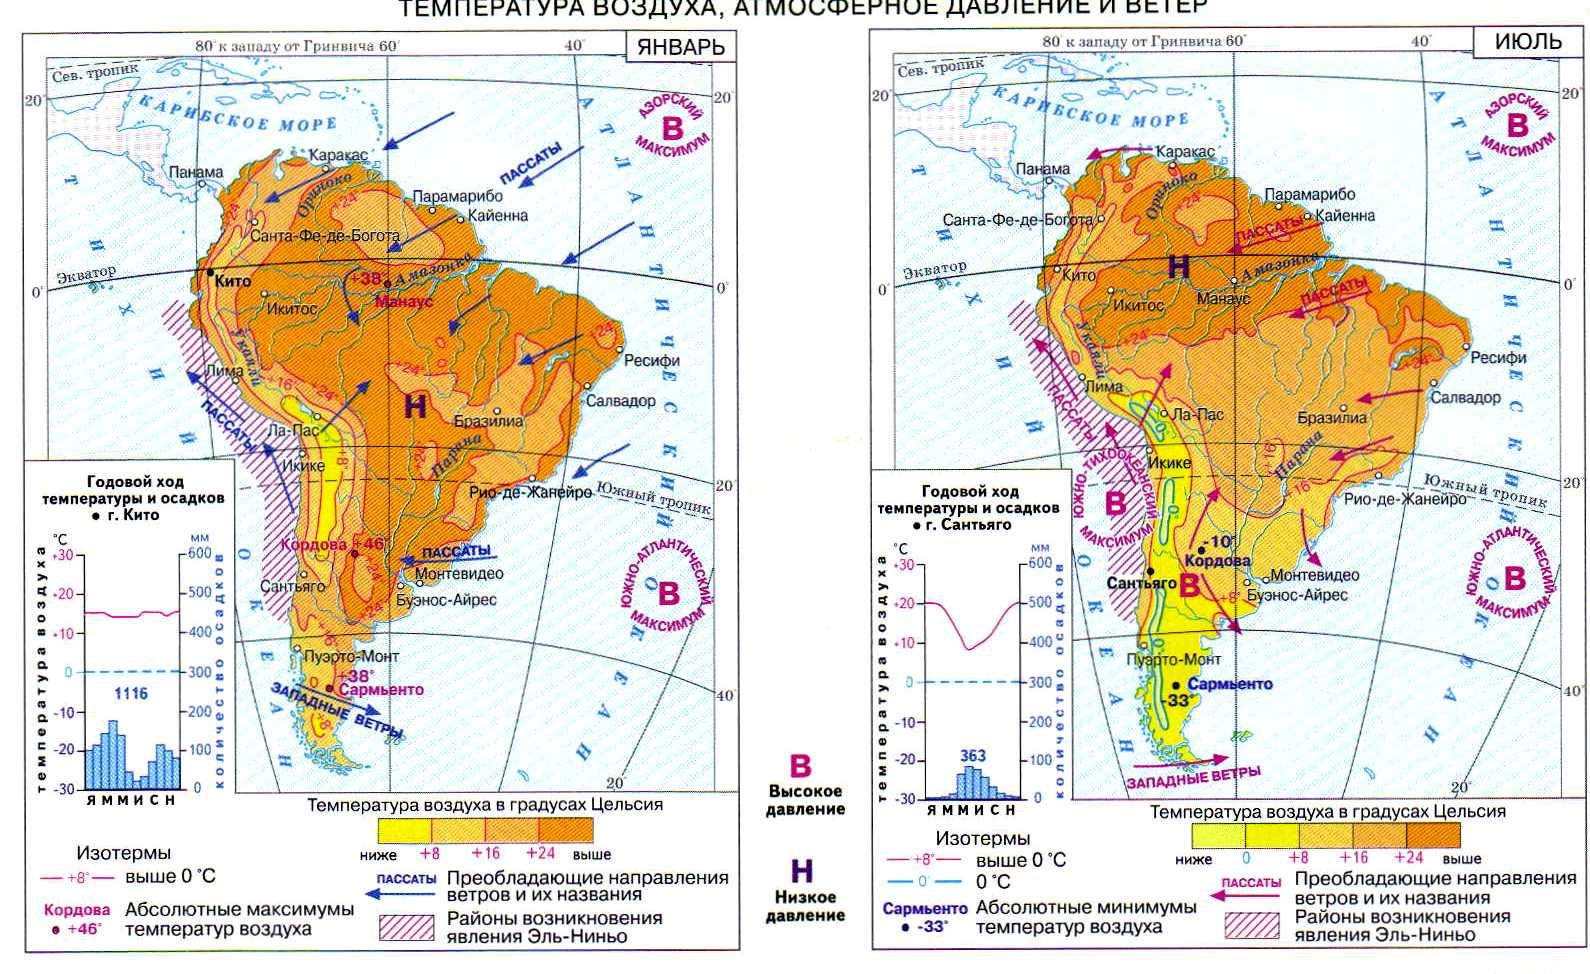 Южная Америка ТемператураДавлениеВетер